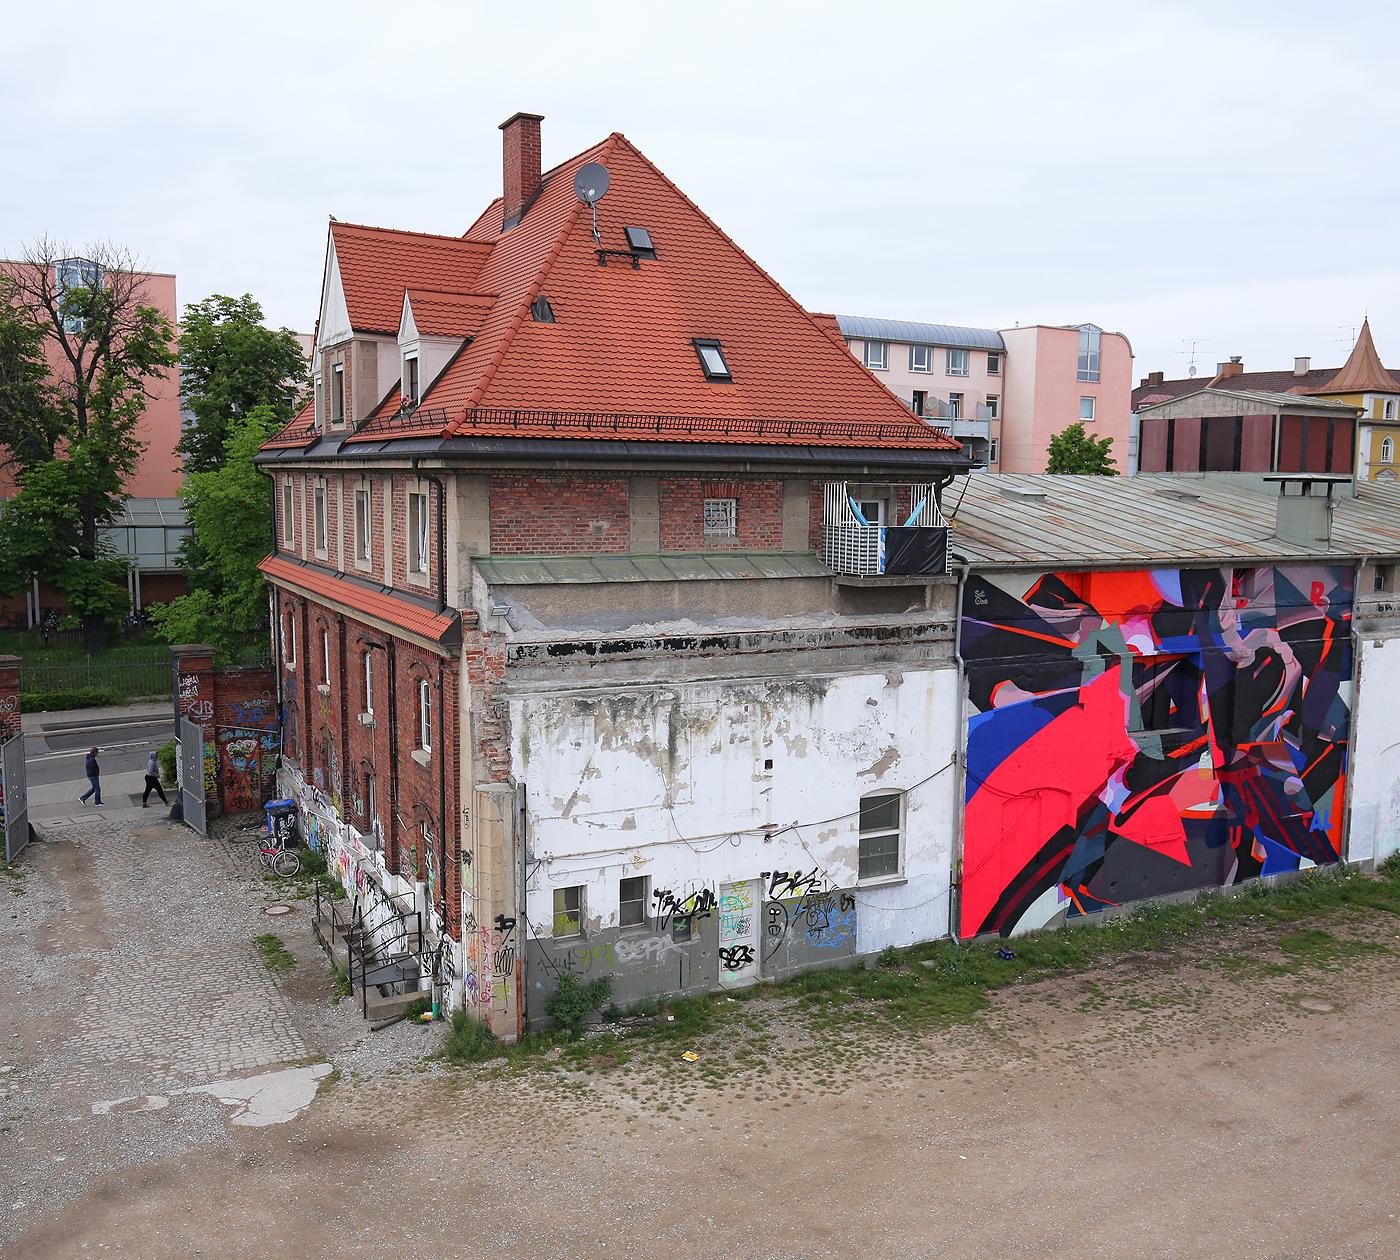 satone-brutal-new-mural-in-munich-03